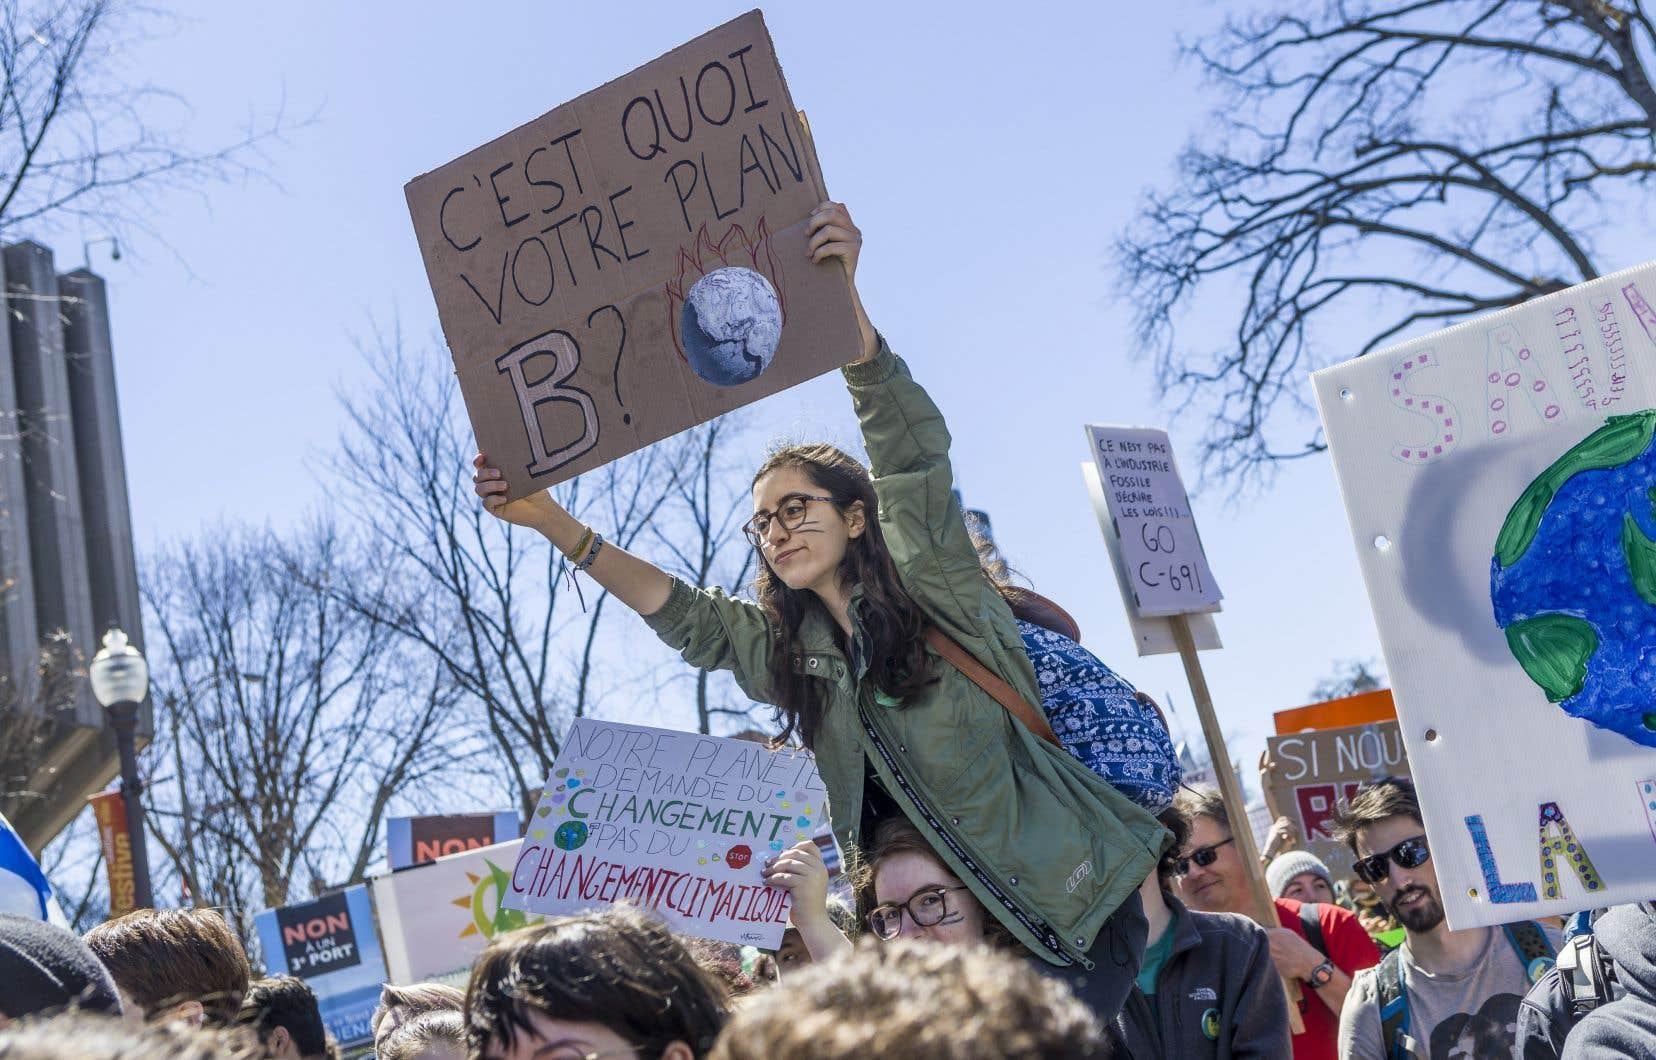 Les jeunes n'en peuvent plus d'être dans une posture de lutte plutôt que de création de solutions.